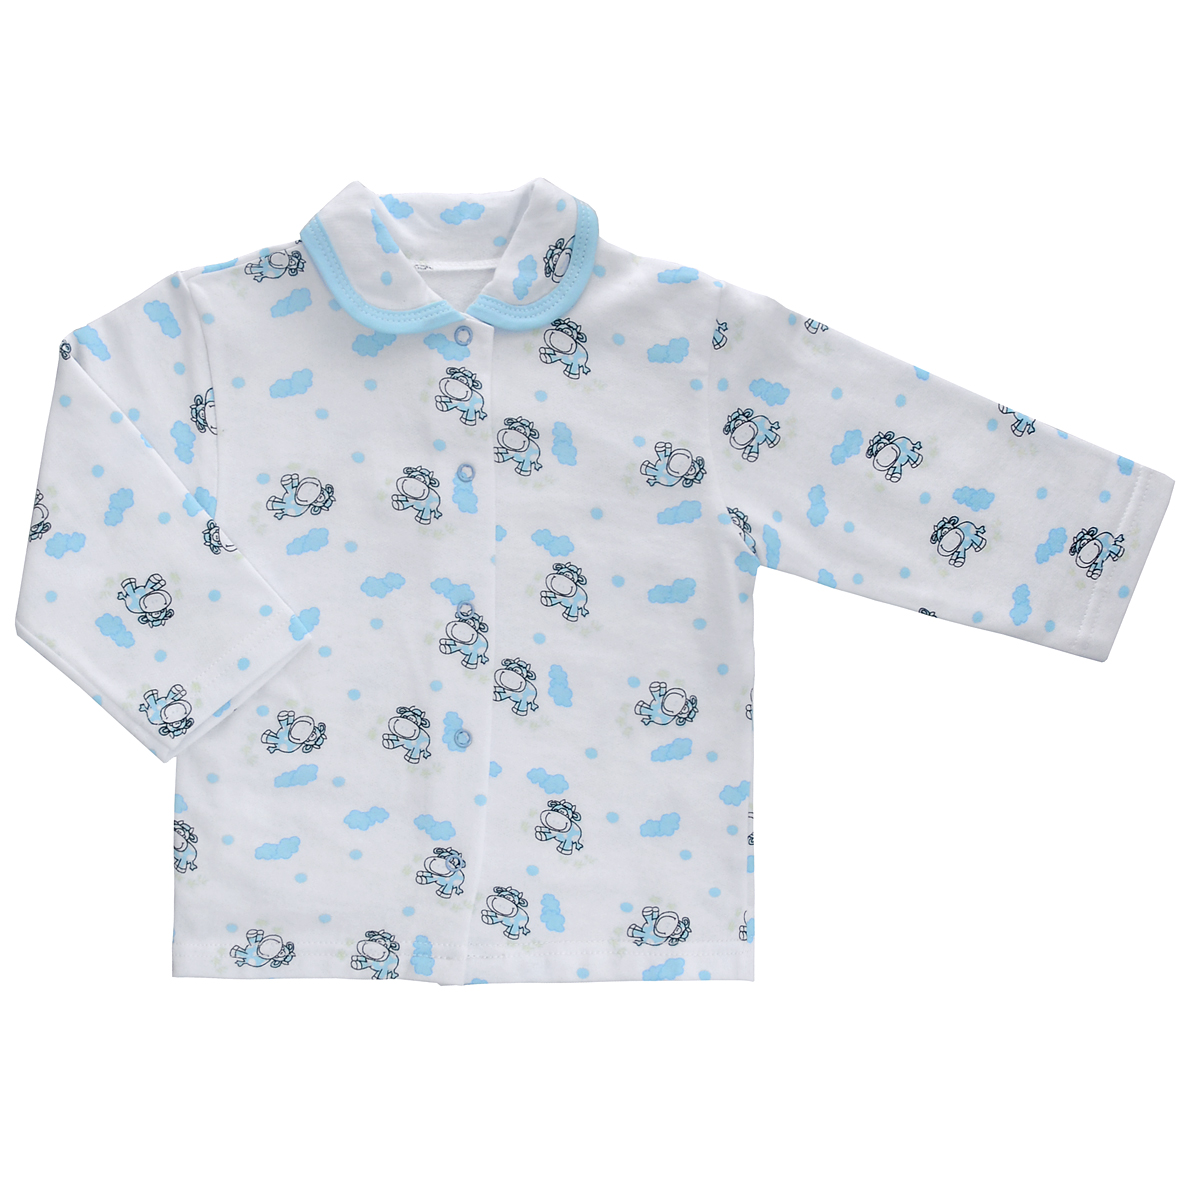 Кофточка детская Трон-Плюс, цвет: белый, голубой, рисунок коровы. 5175. Размер 86, 18 месяцев пижама детская трон плюс цвет белый голубой 5555 мишка размер 80 86 1 2 года